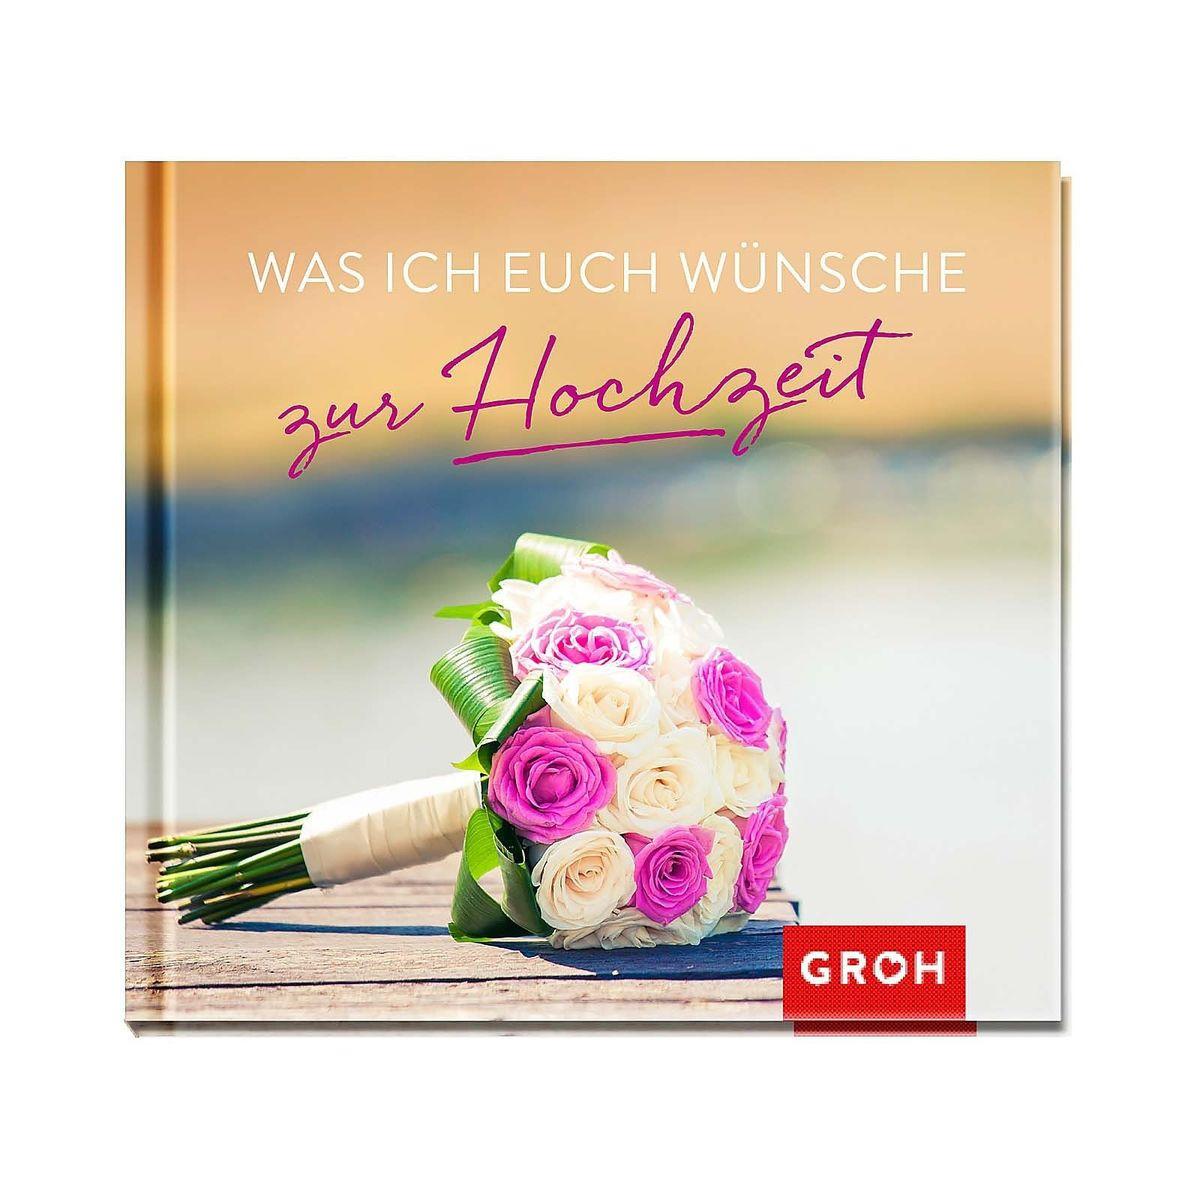 Buch Zur Hochzeit  Buch Mini Was ich euch wünsche zur Hochzeit Depot DE